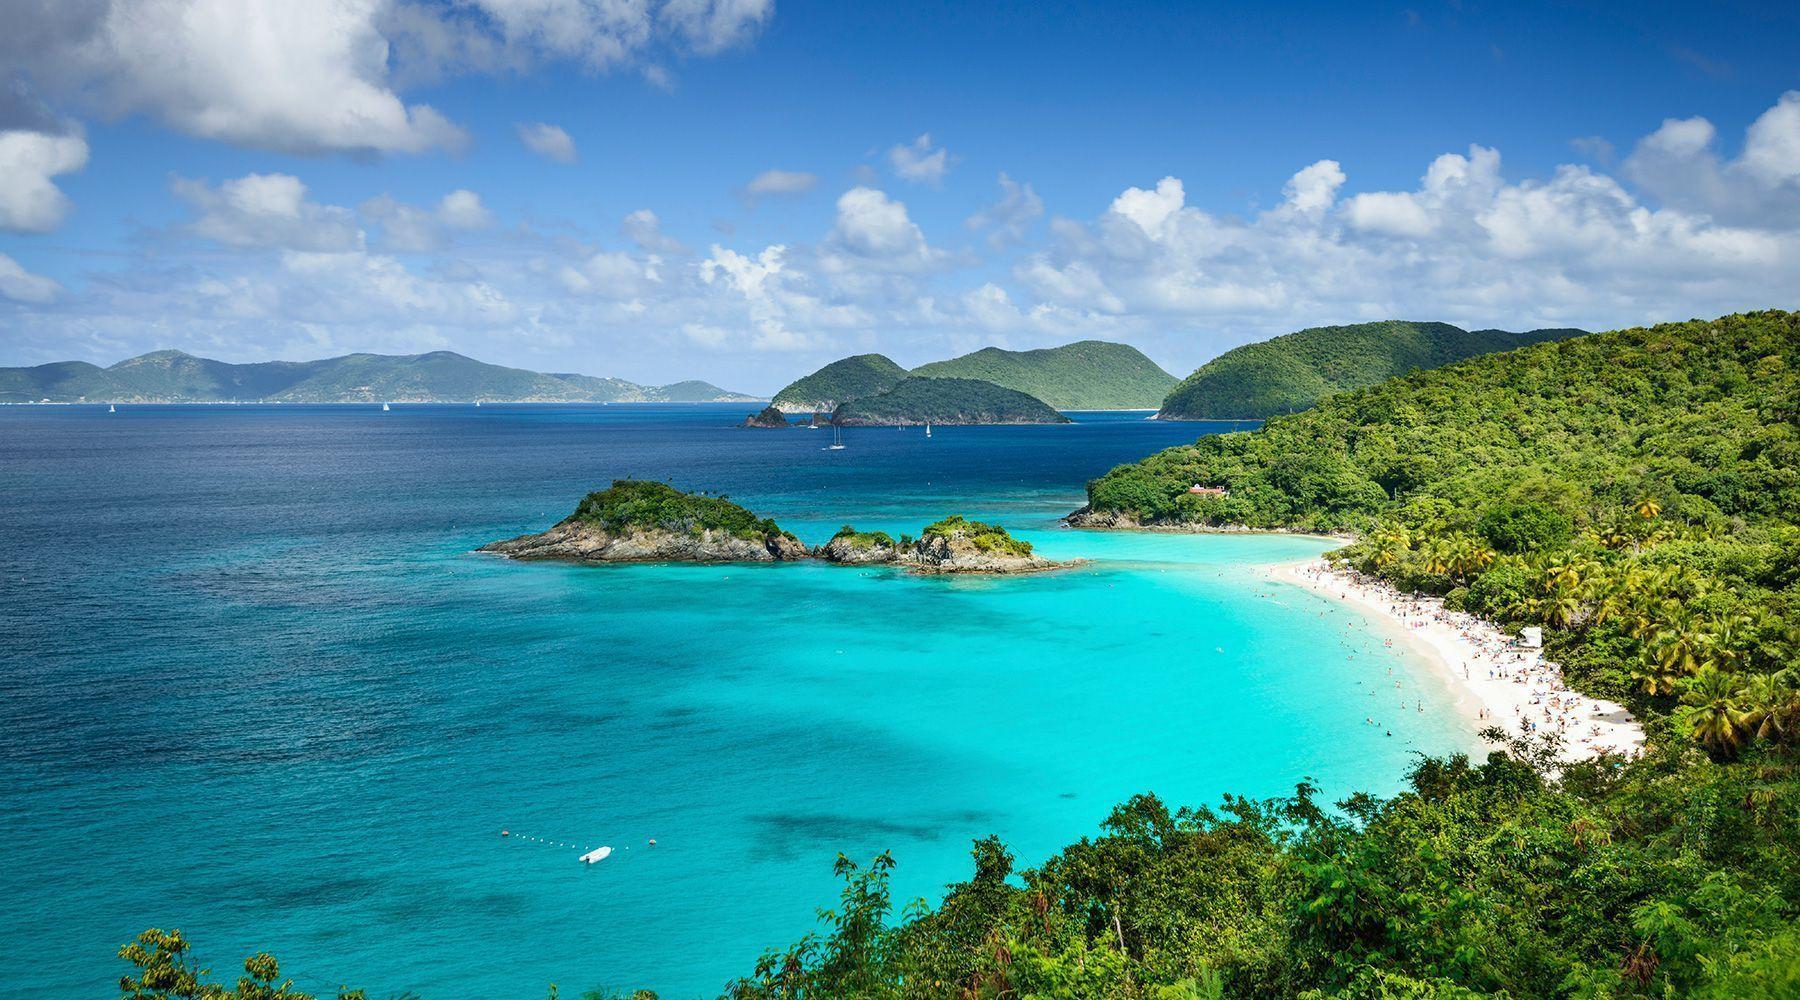 Byť odmenený 300 dolármi za dovolenku? Na týchto ostrovoch je to v roku 2017 realita